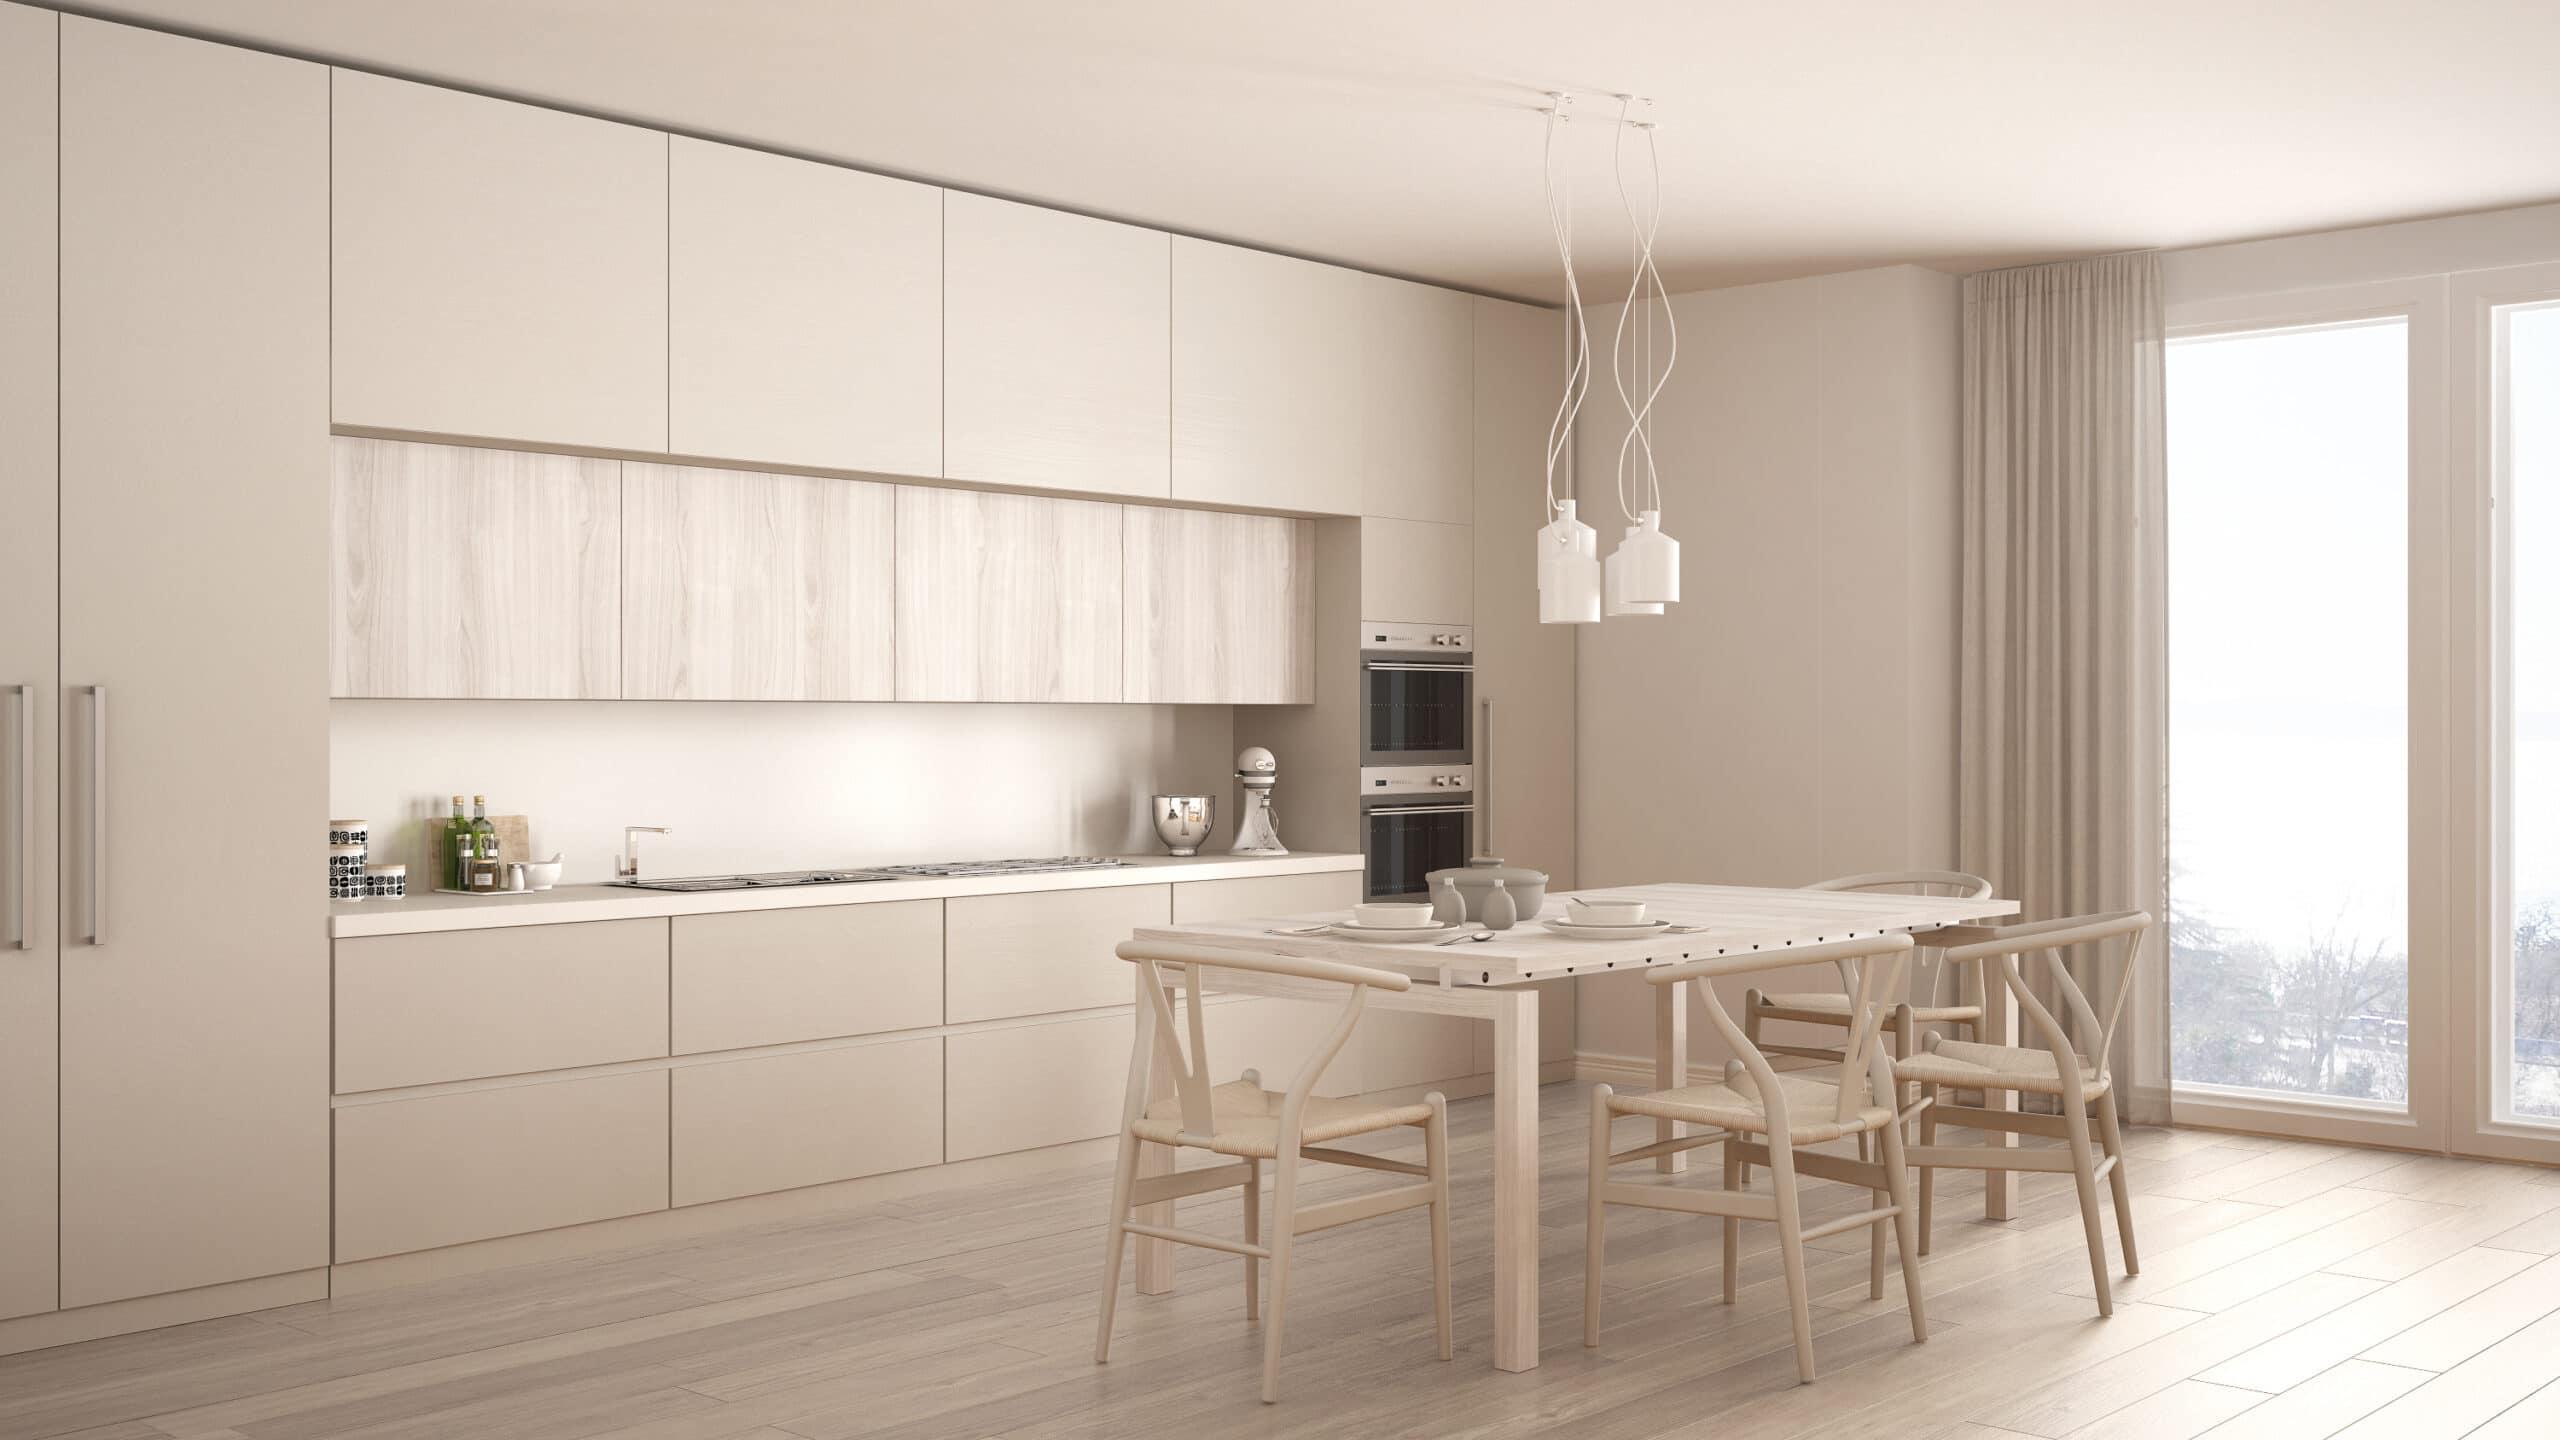 עיצוב מטבחים בהתאמהמעצבי מטבחים קלאסיים מקצוענים עם הרבה וותק שיודעים לספק פתרונות יעילים להתאמת תנורים גדולים לכל מטבח במקביל להפעלת המקרר והתנור ללקוח במטבח שלו